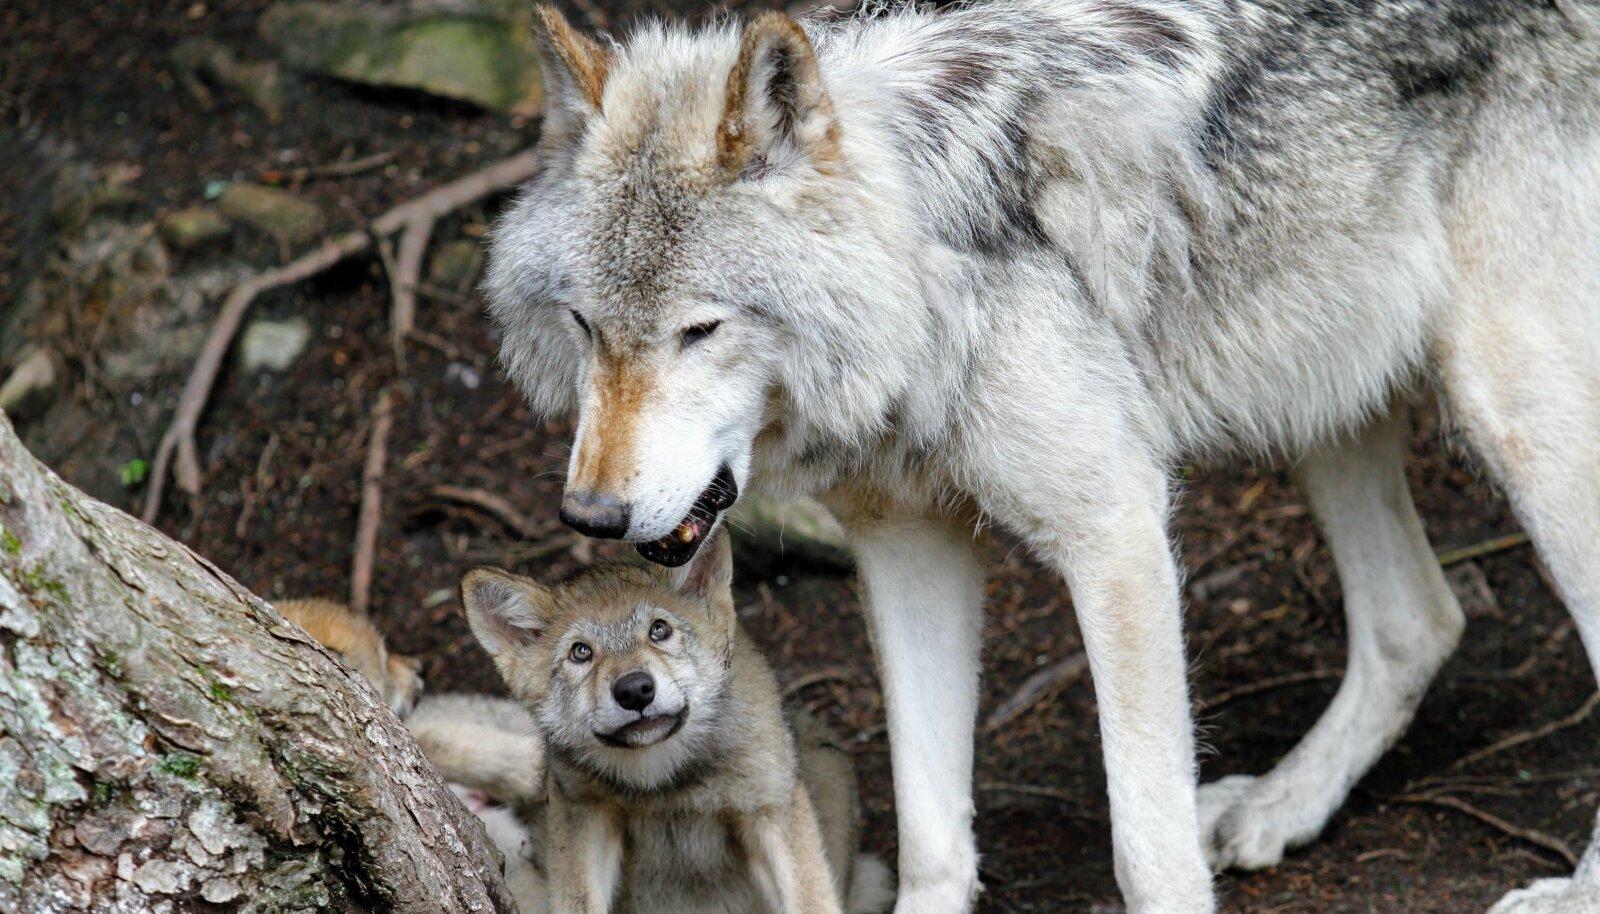 Bioloogide hinnangul on vale arvata, et hunt on inimese suhtes aggressiivne